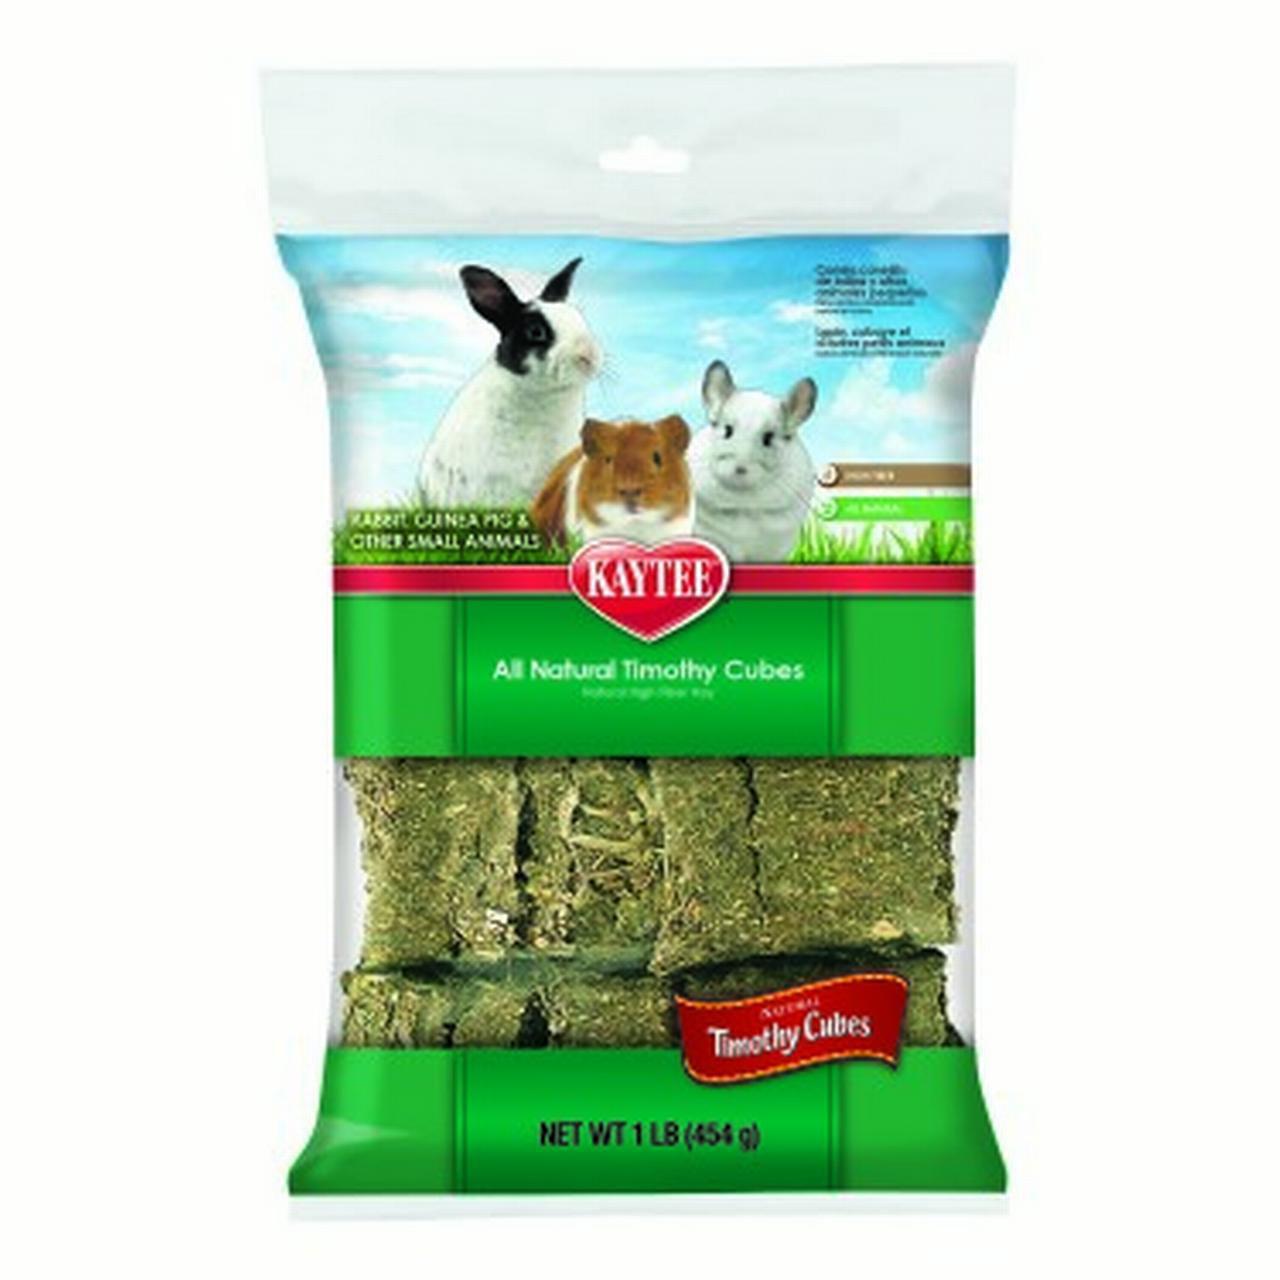 Kaytee Natural Timothy Cubes Small Animal Treats, 1 Lb